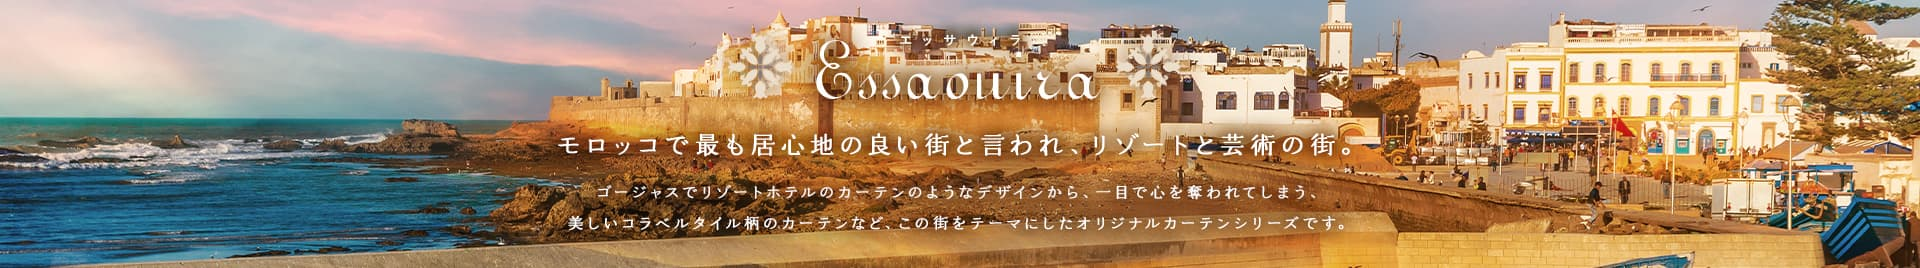 エッサウィラ:モロッコ最も心地の良い街と言われ、リゾートと芸術の街